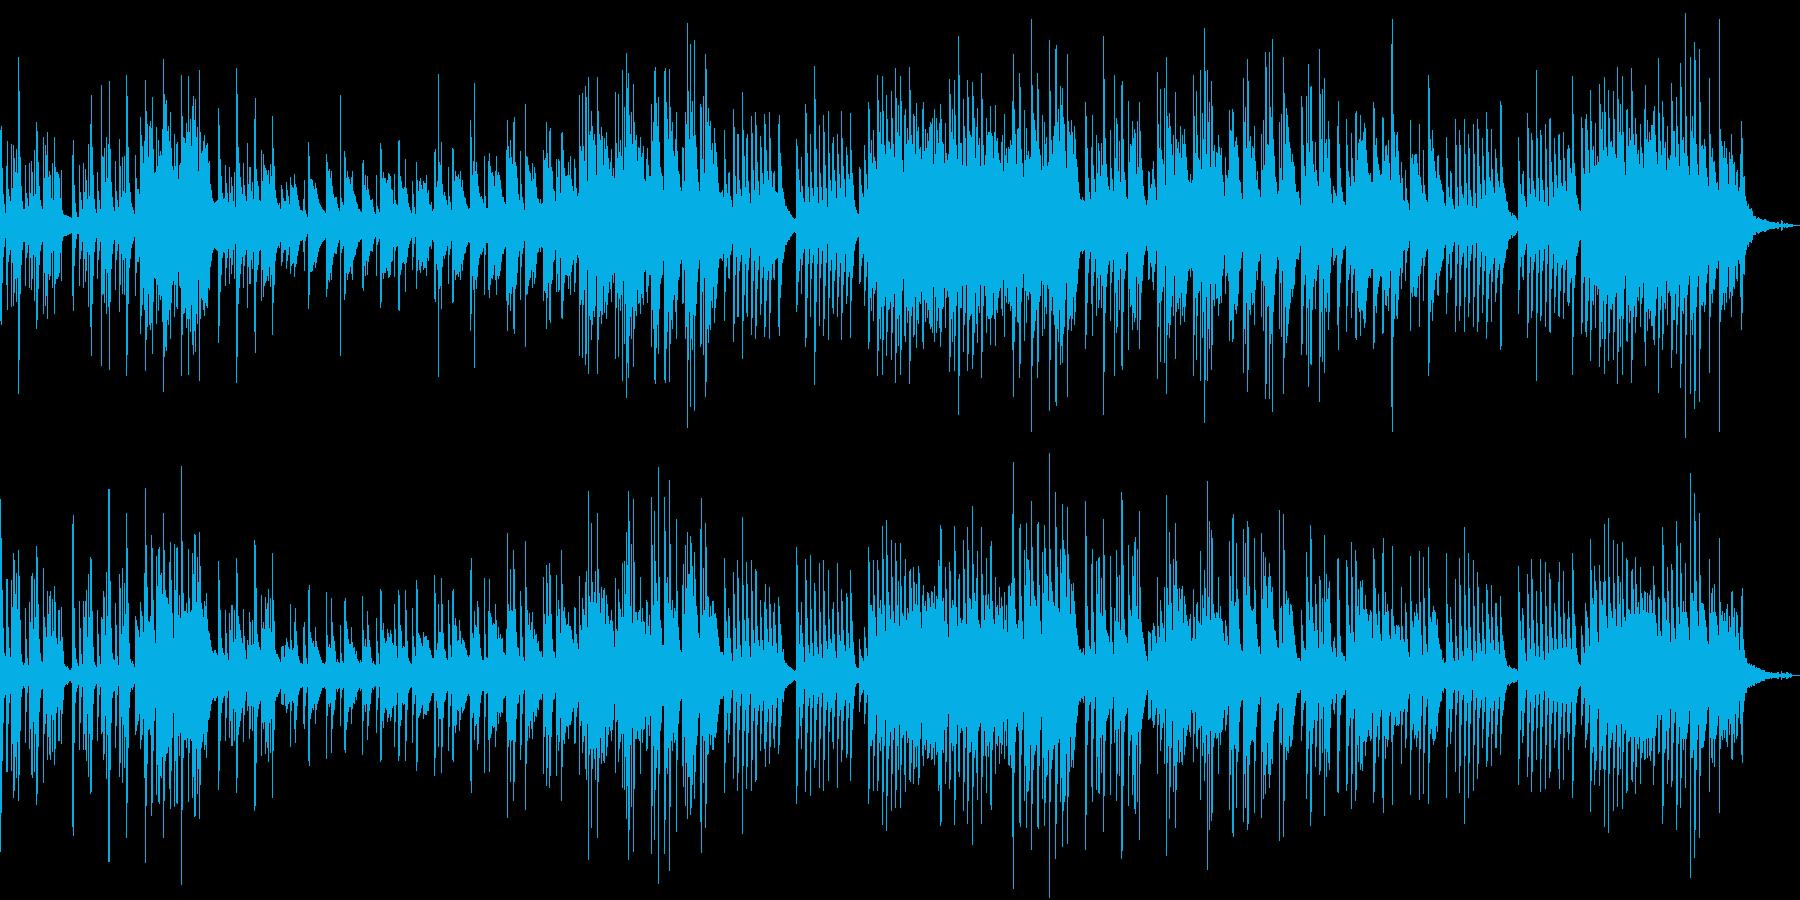 せつないピアノの再生済みの波形